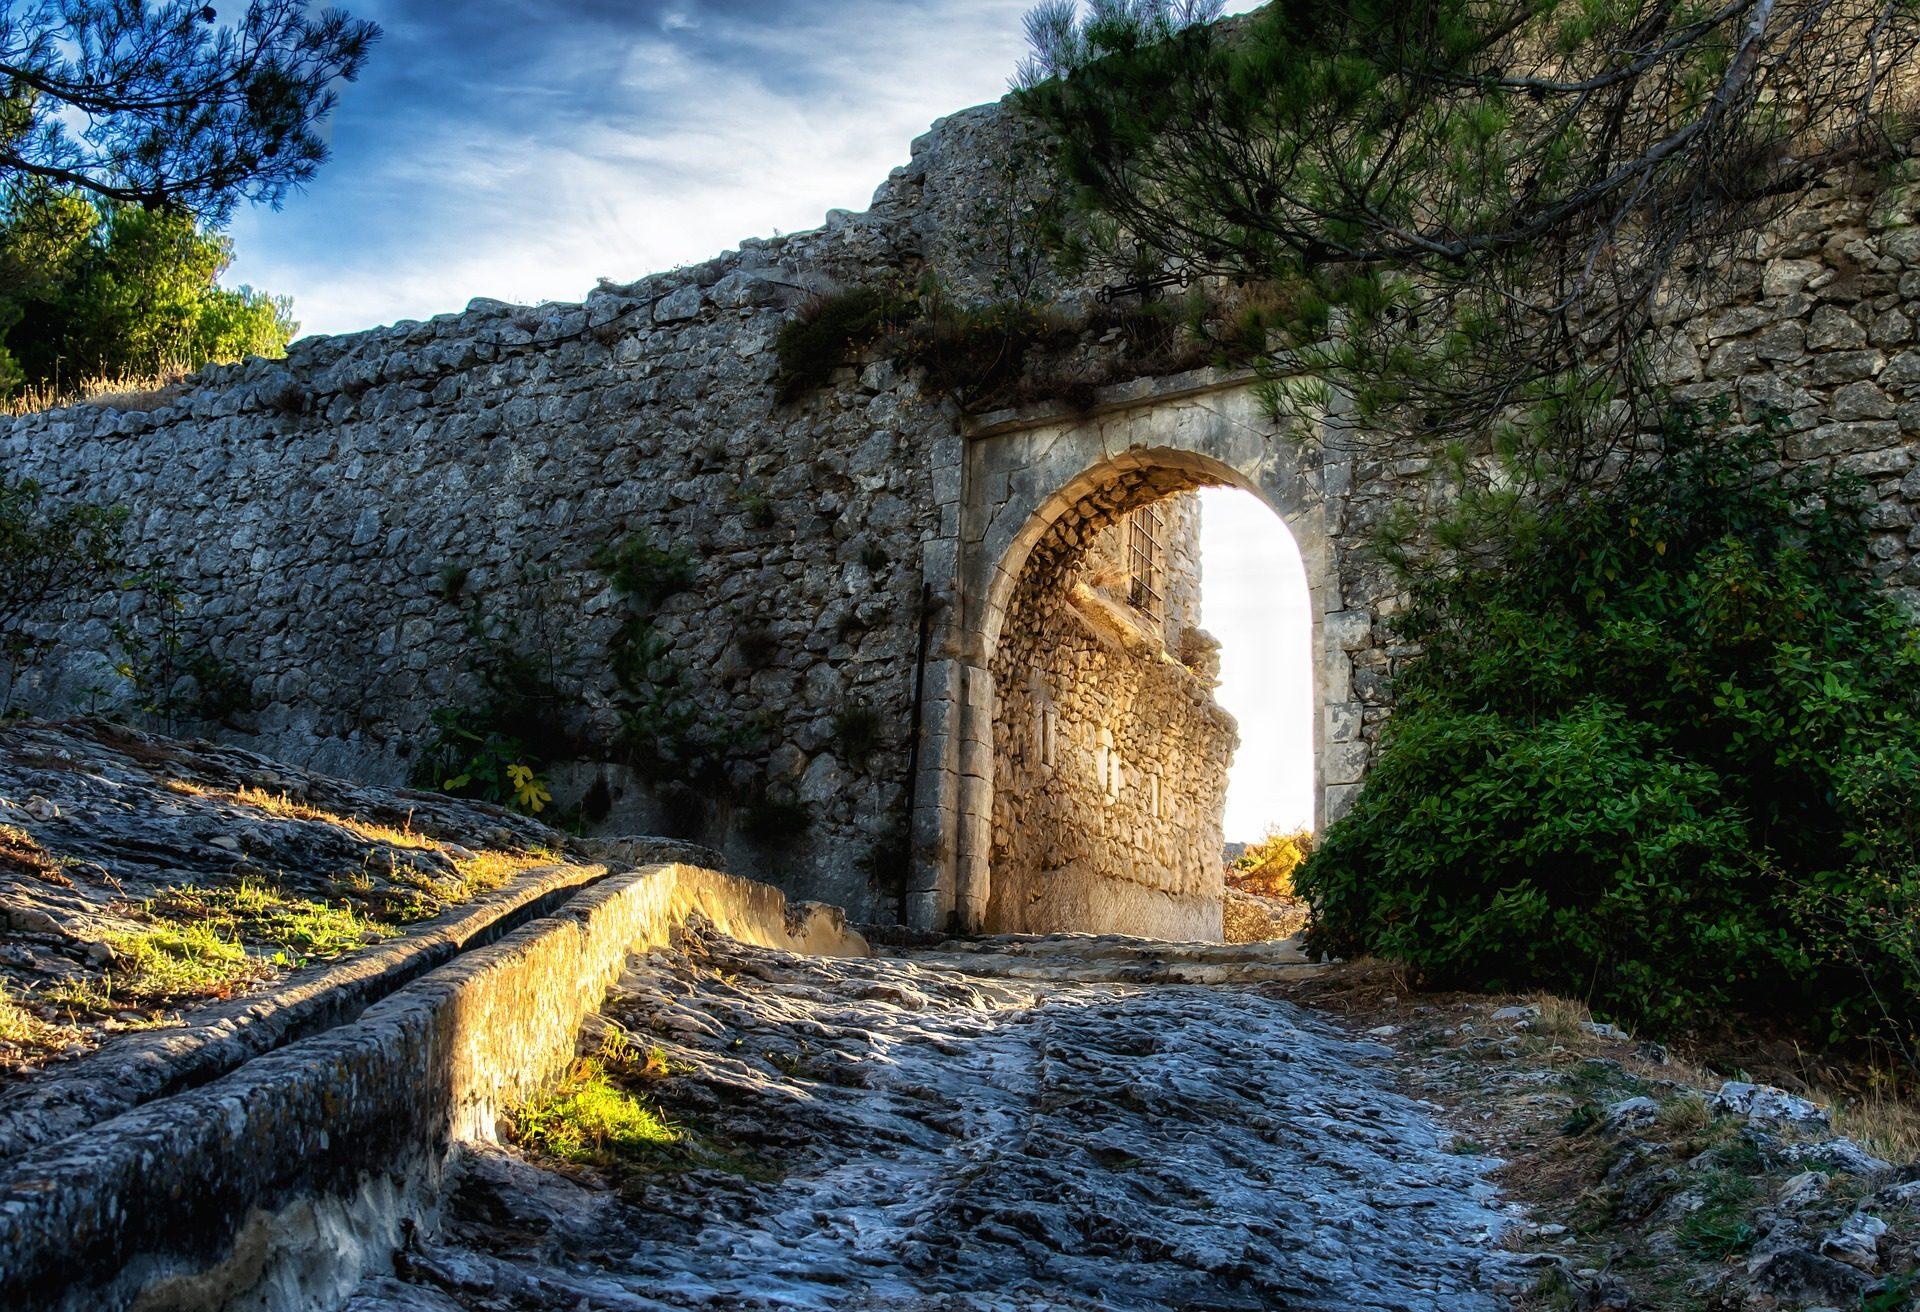 ドア, 入力, 通路, 要塞, 建物, 古い - HD の壁紙 - 教授-falken.com